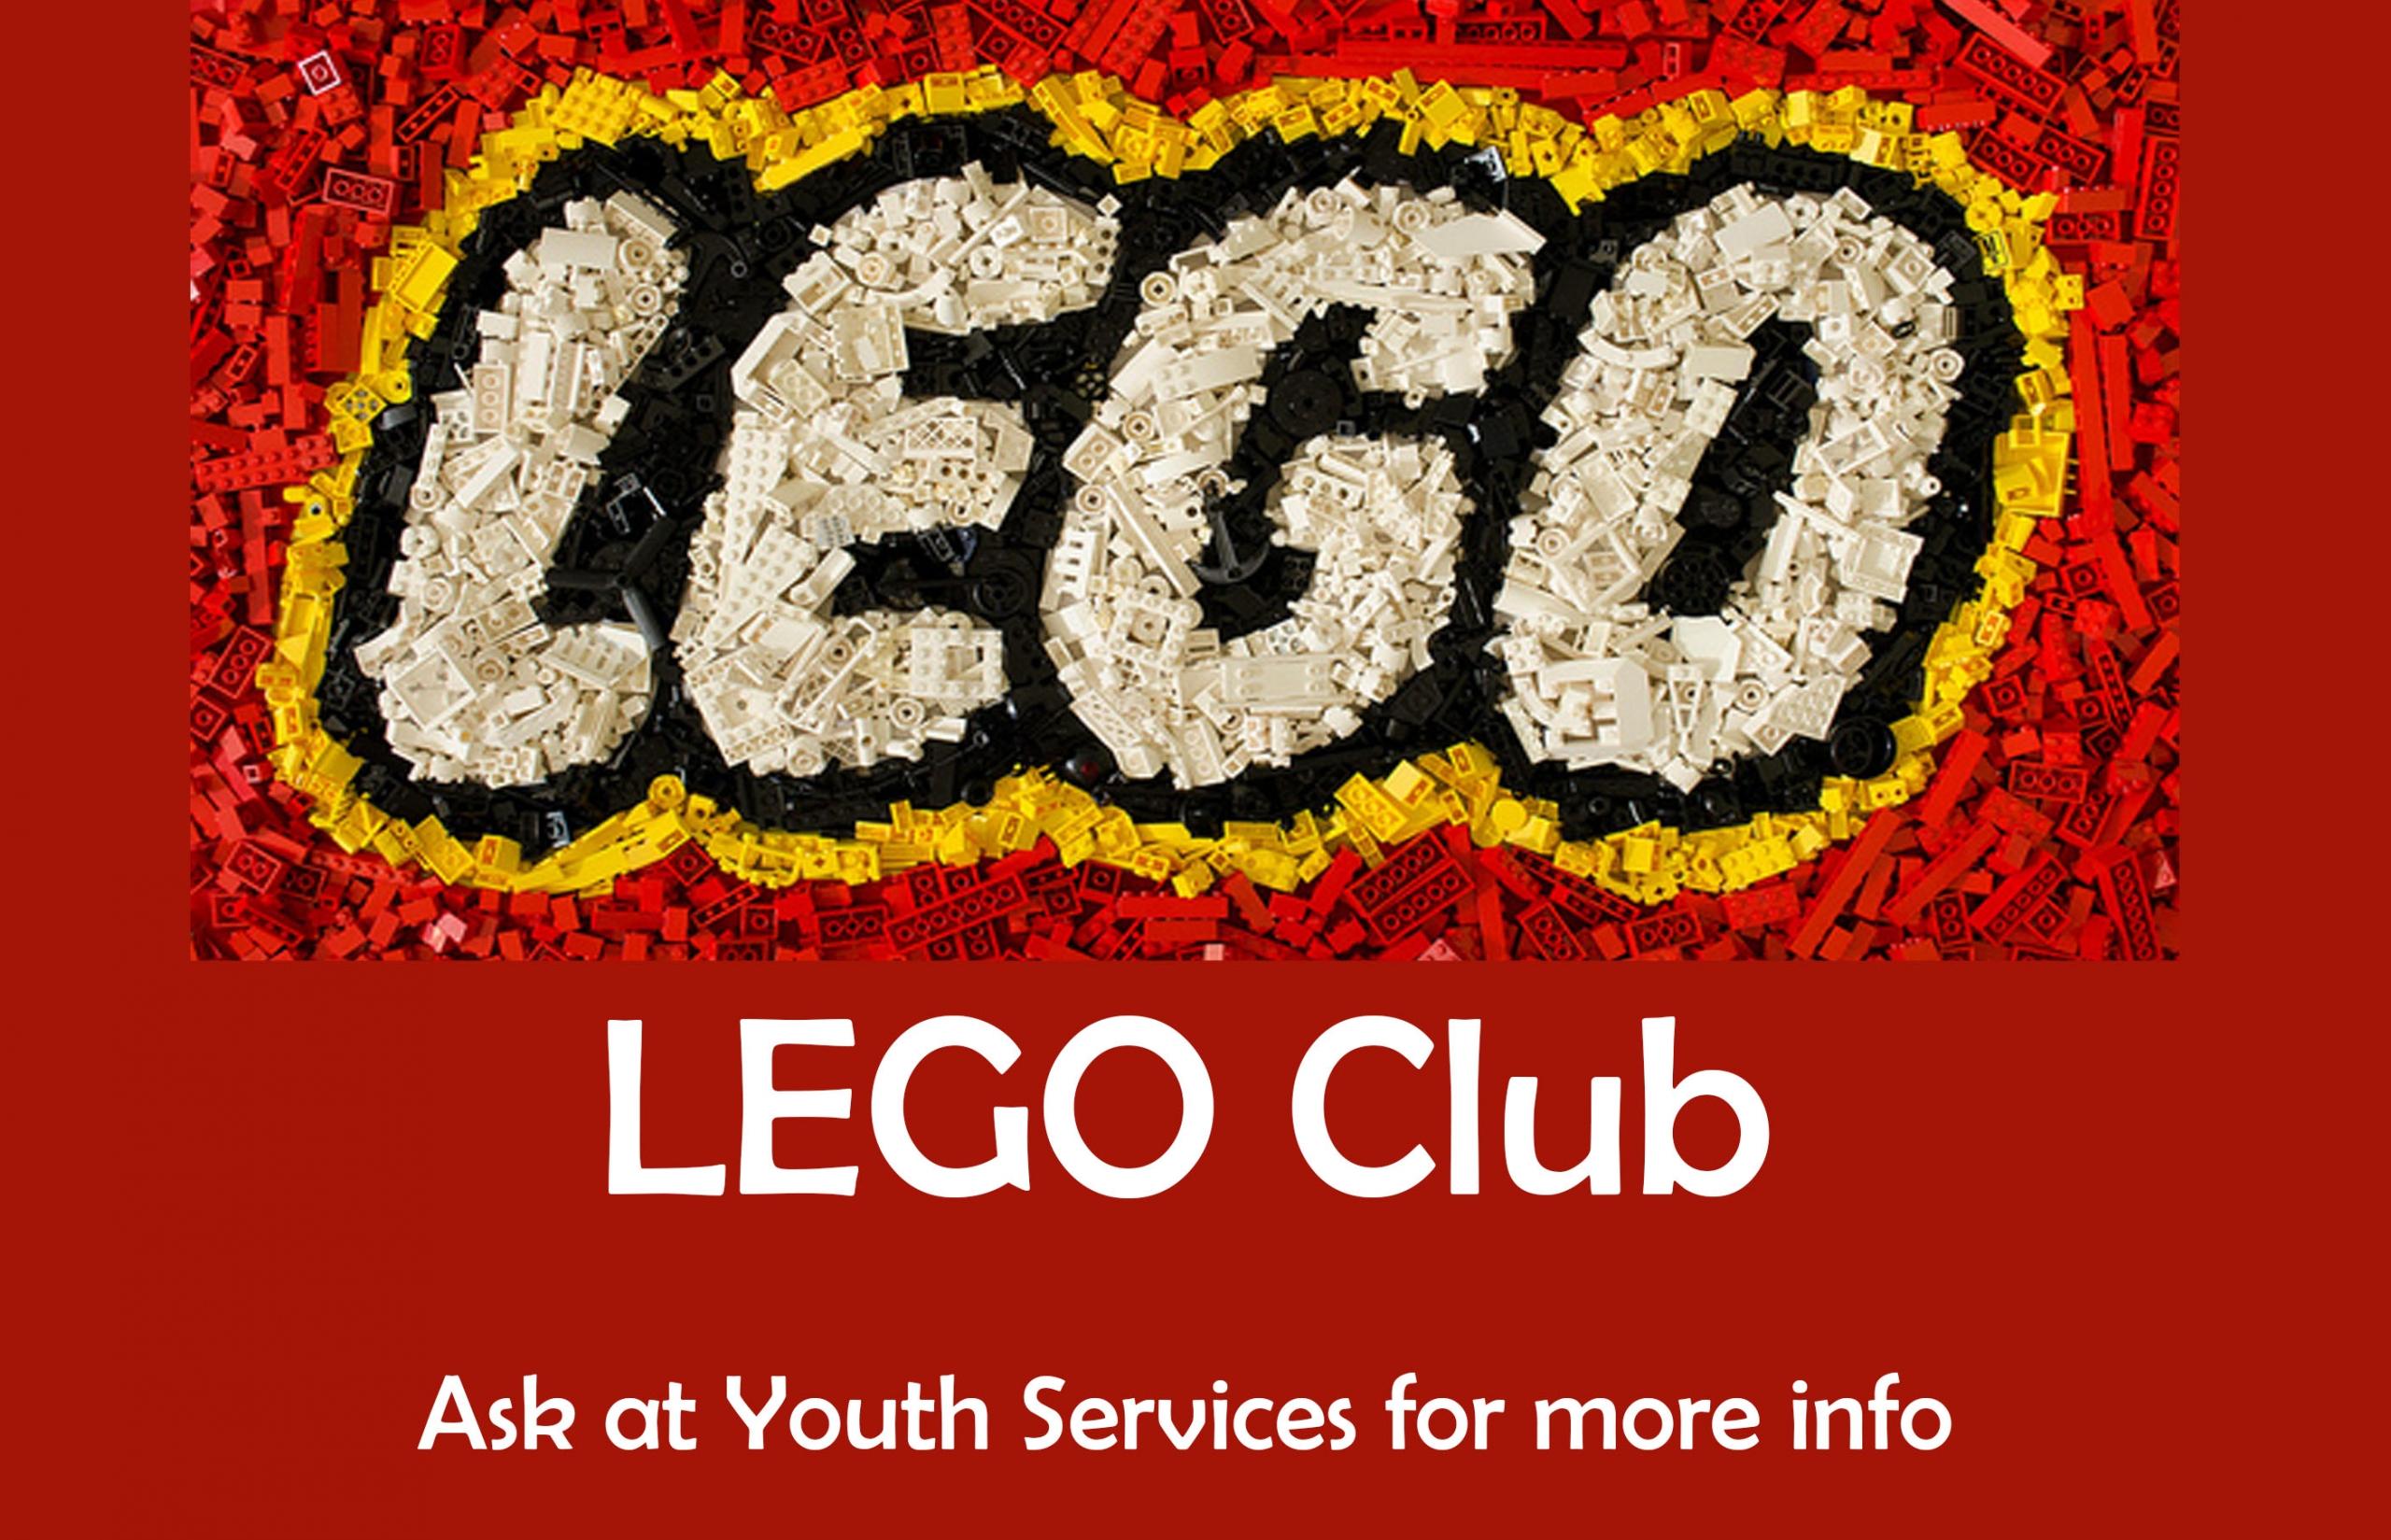 lego club general dates